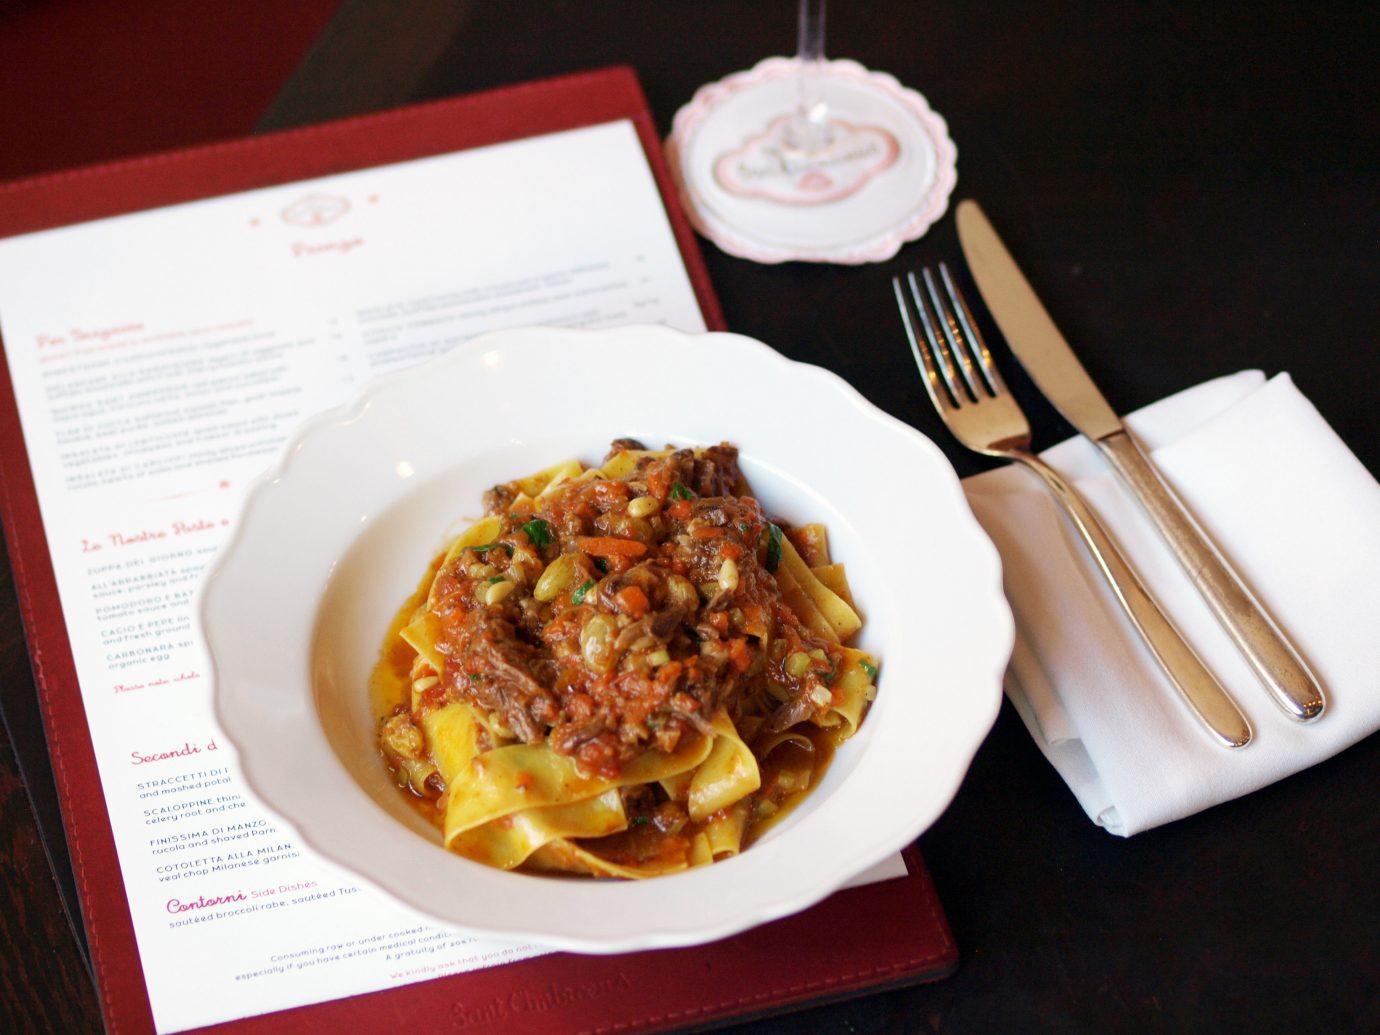 Romance Trip Ideas plate food table dish indoor cuisine italian food spaghetti meal breakfast european food produce meat pasta